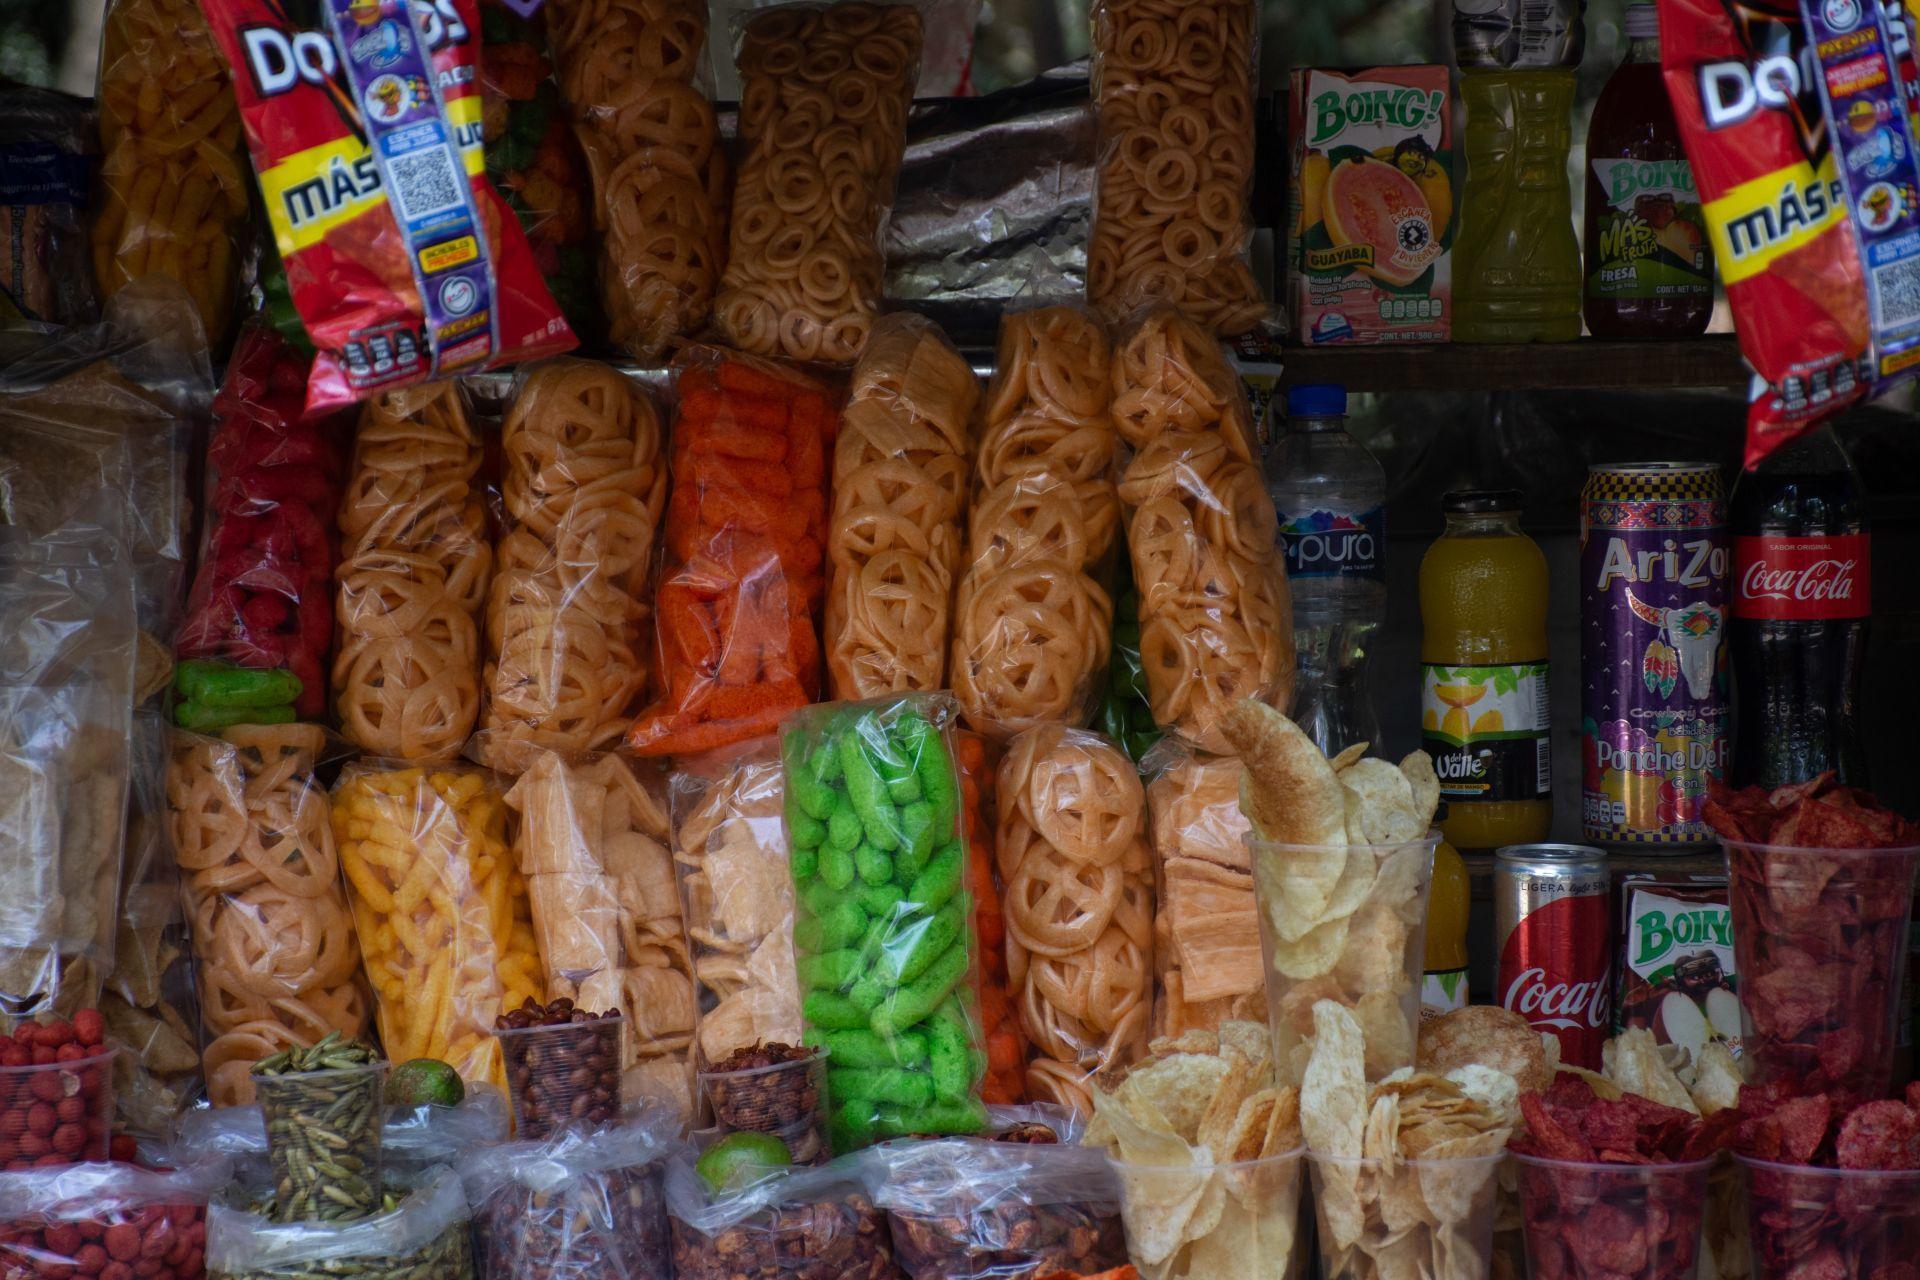 CDMX analiza prohibir venta de comida chatarra a niños (Cuartoscuro, archivo)